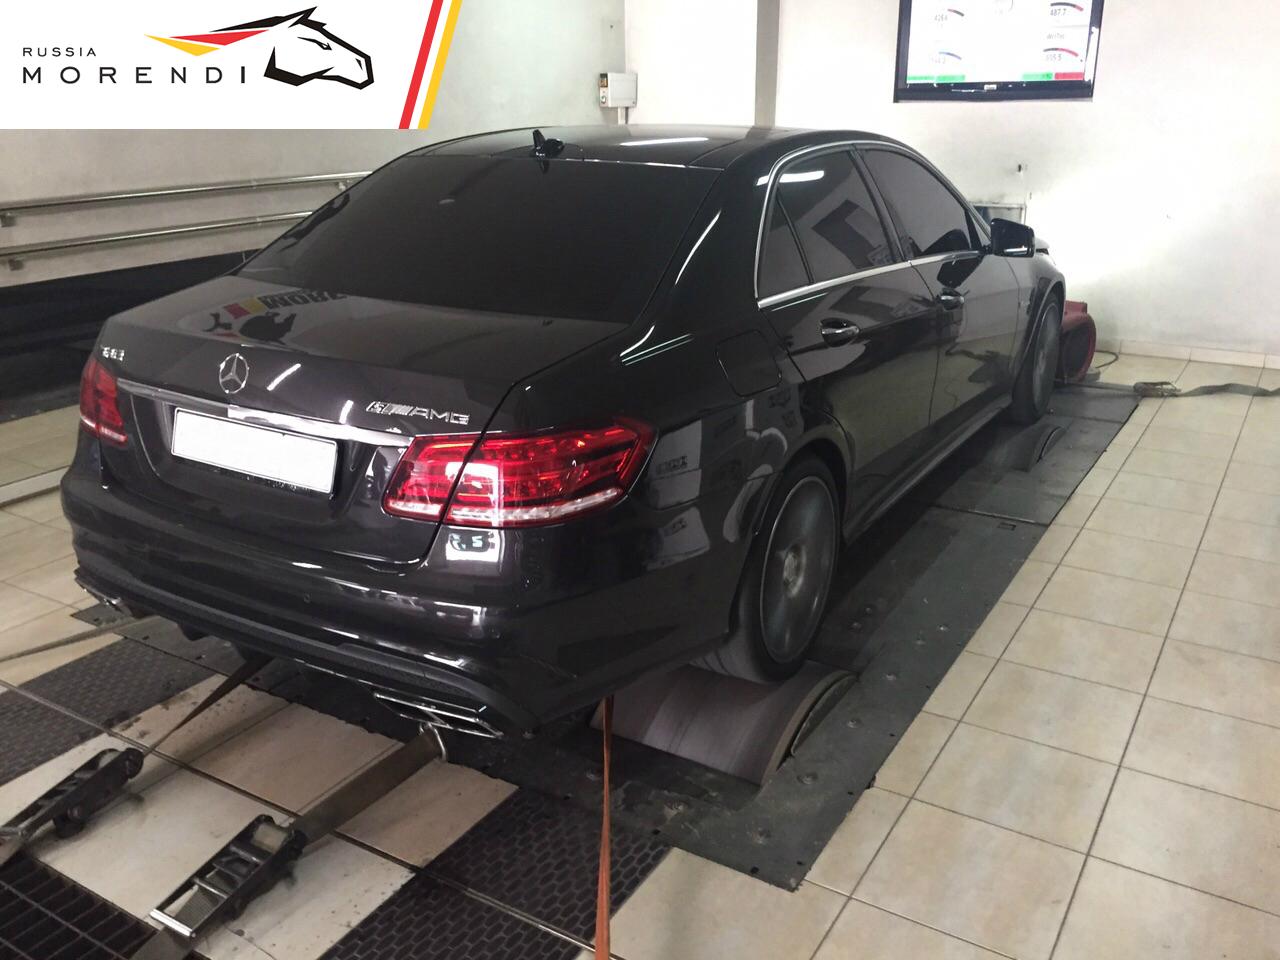 Чип-тюнинг Mercedes E63 AMG 4MATIC S